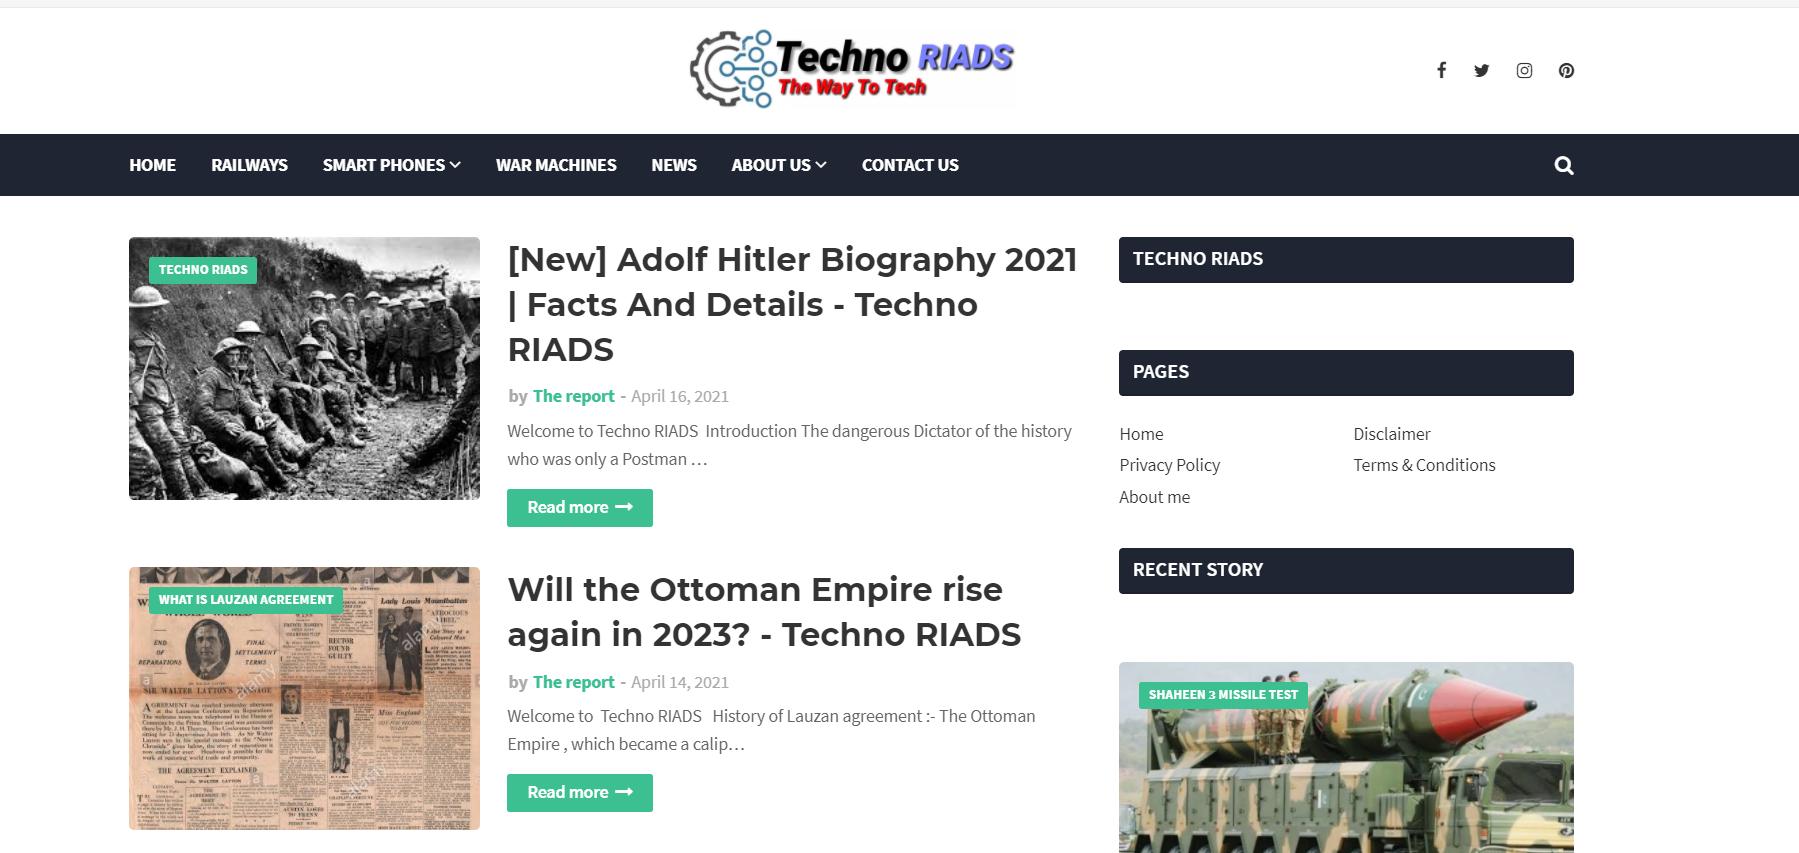 Techno RIADS